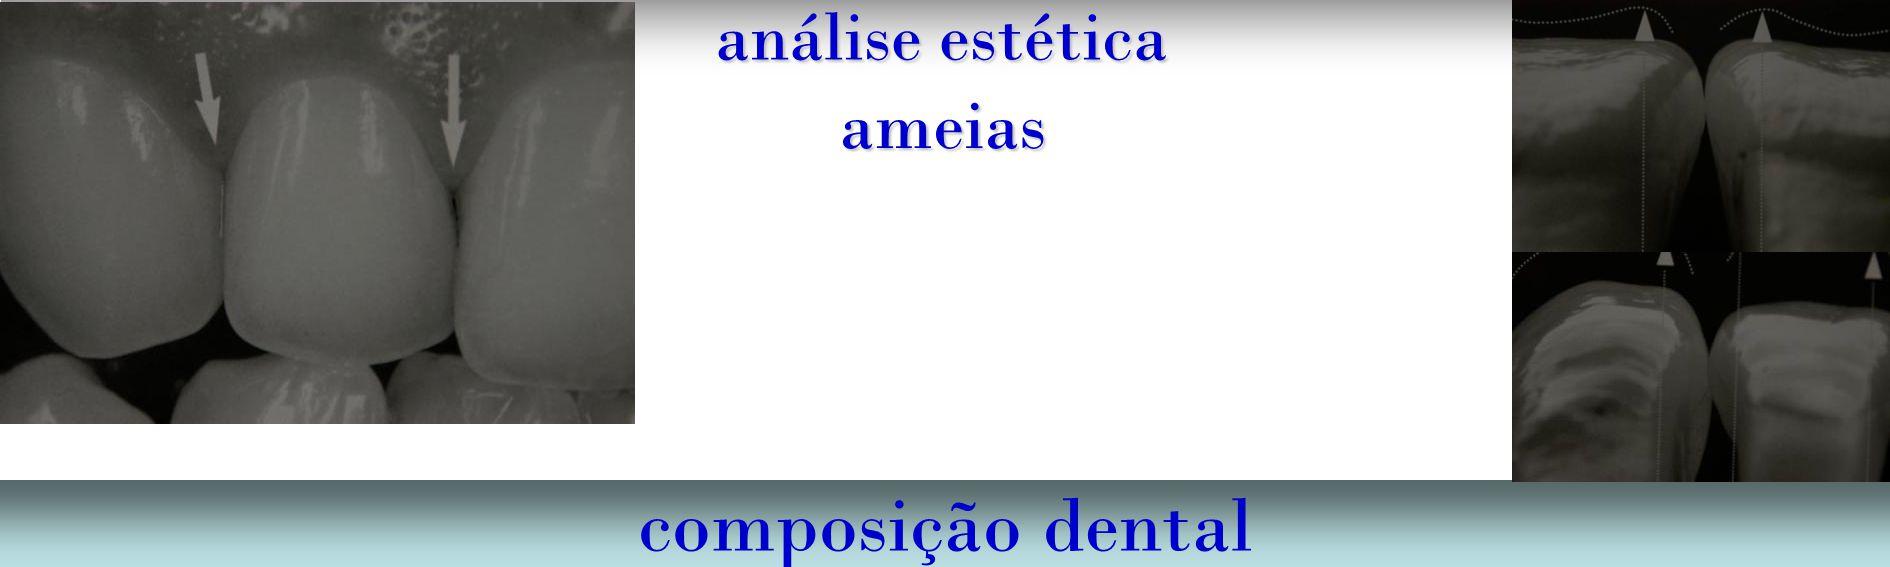 análise estética ameias composição dental